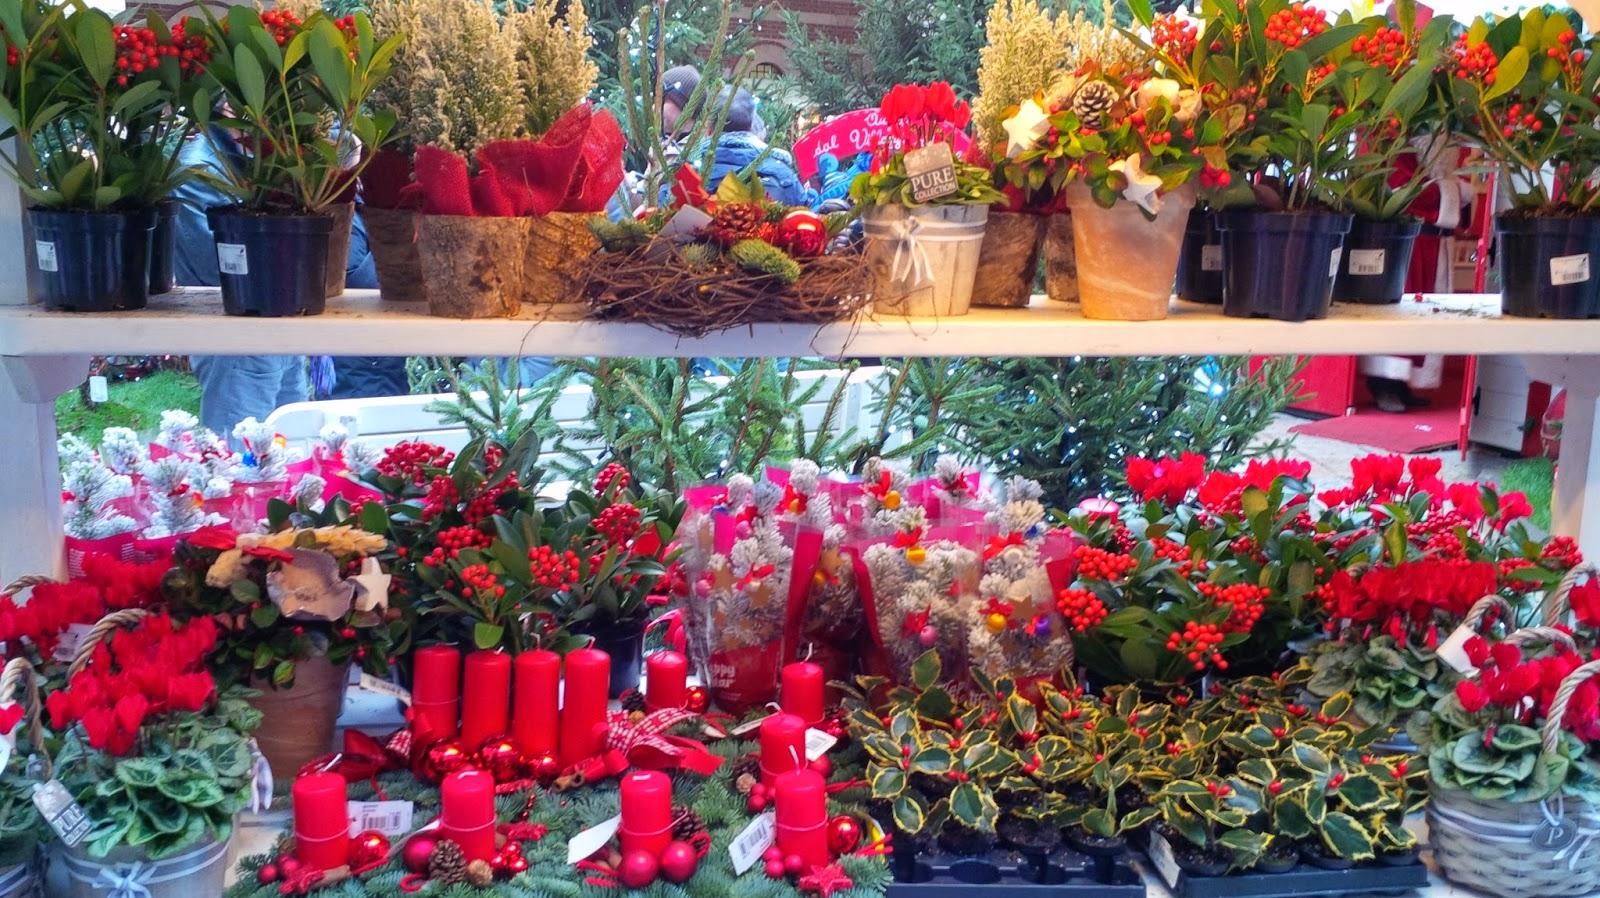 Christmas display at Verona Christmas market